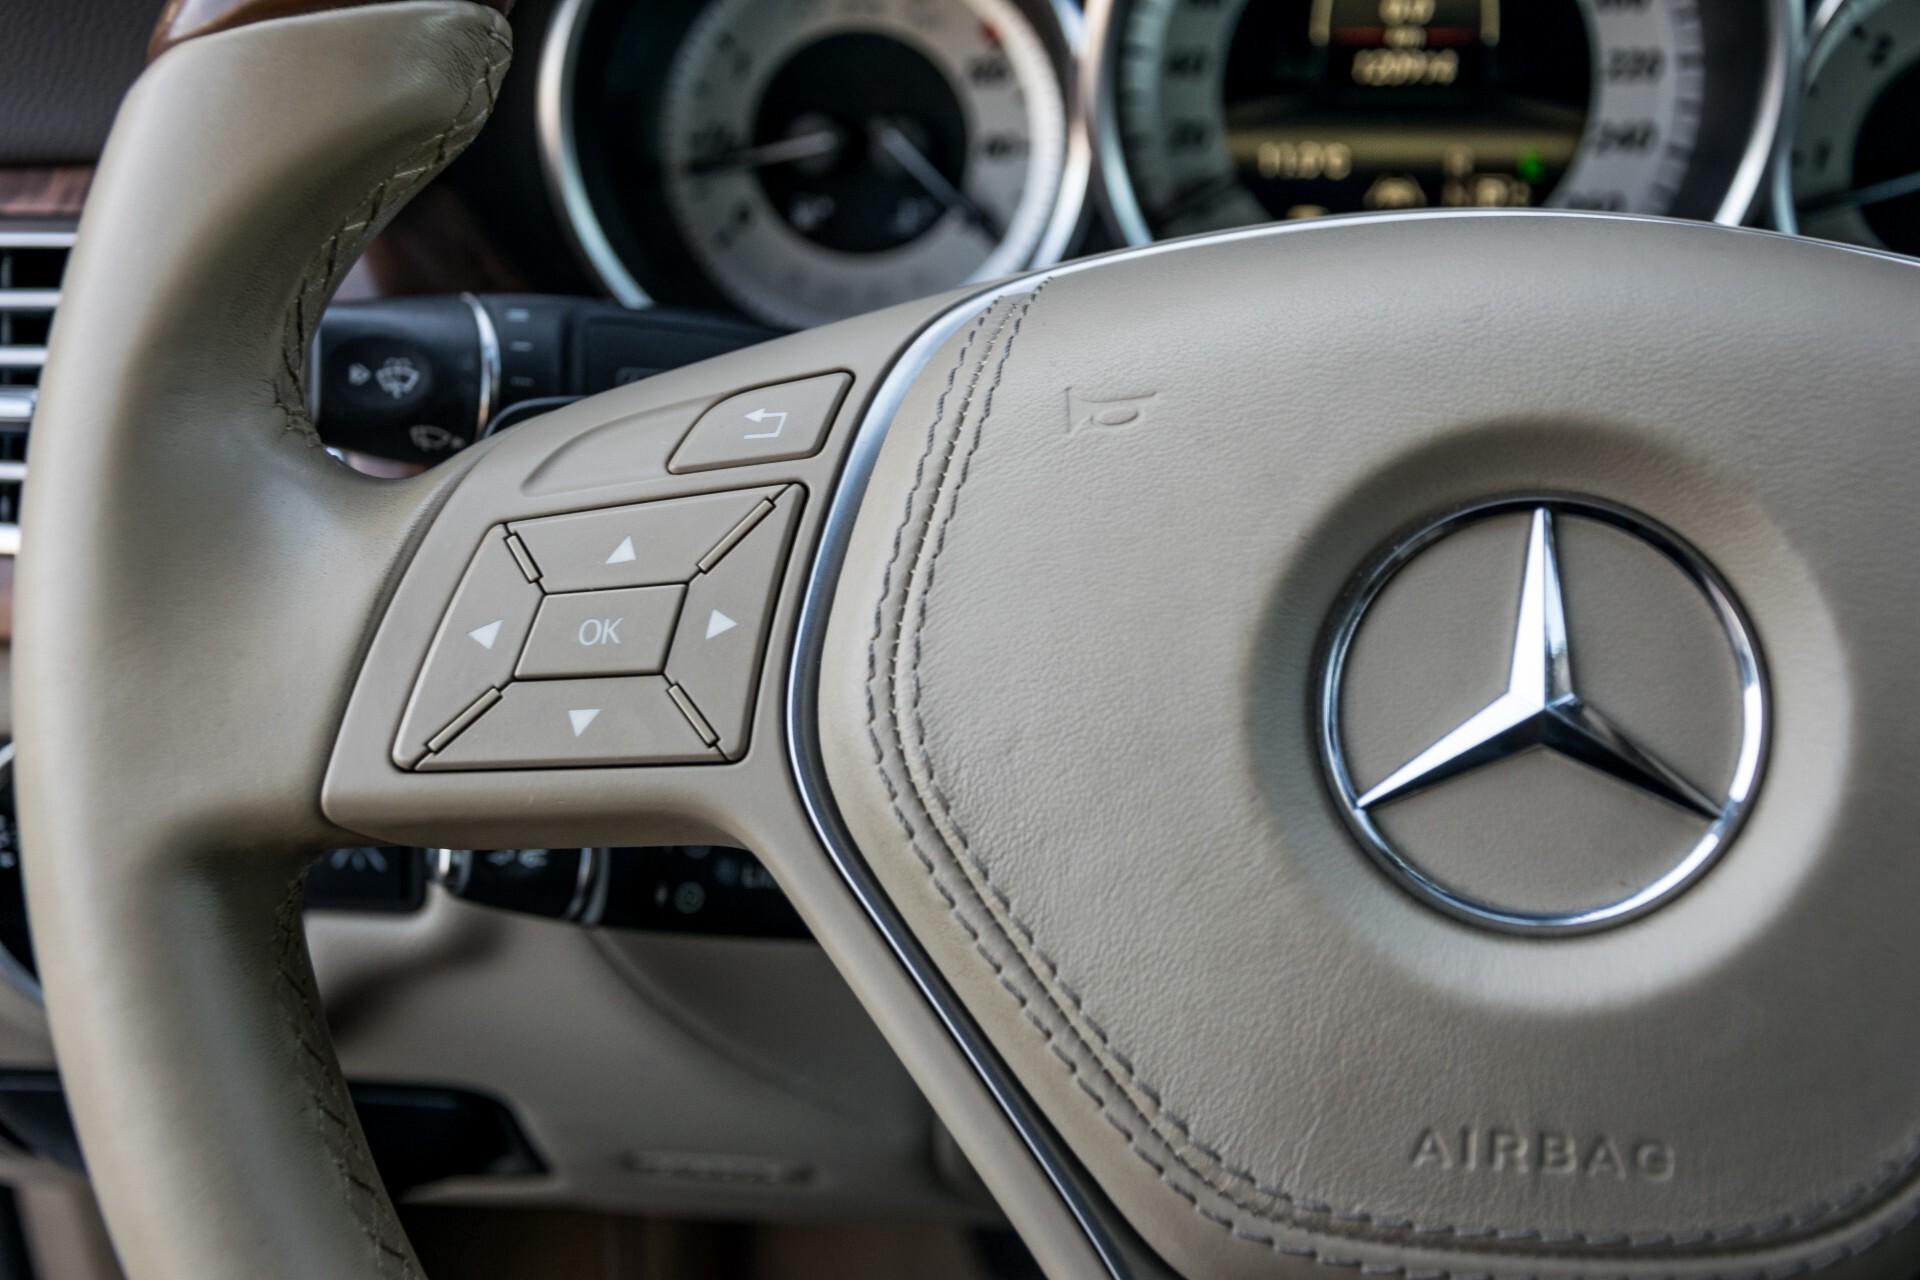 Mercedes-Benz CLS-Klasse 350 Cdi Luchtvering/Distronic/Nachtzicht/AMG/Comand/ILS Aut7 Foto 10